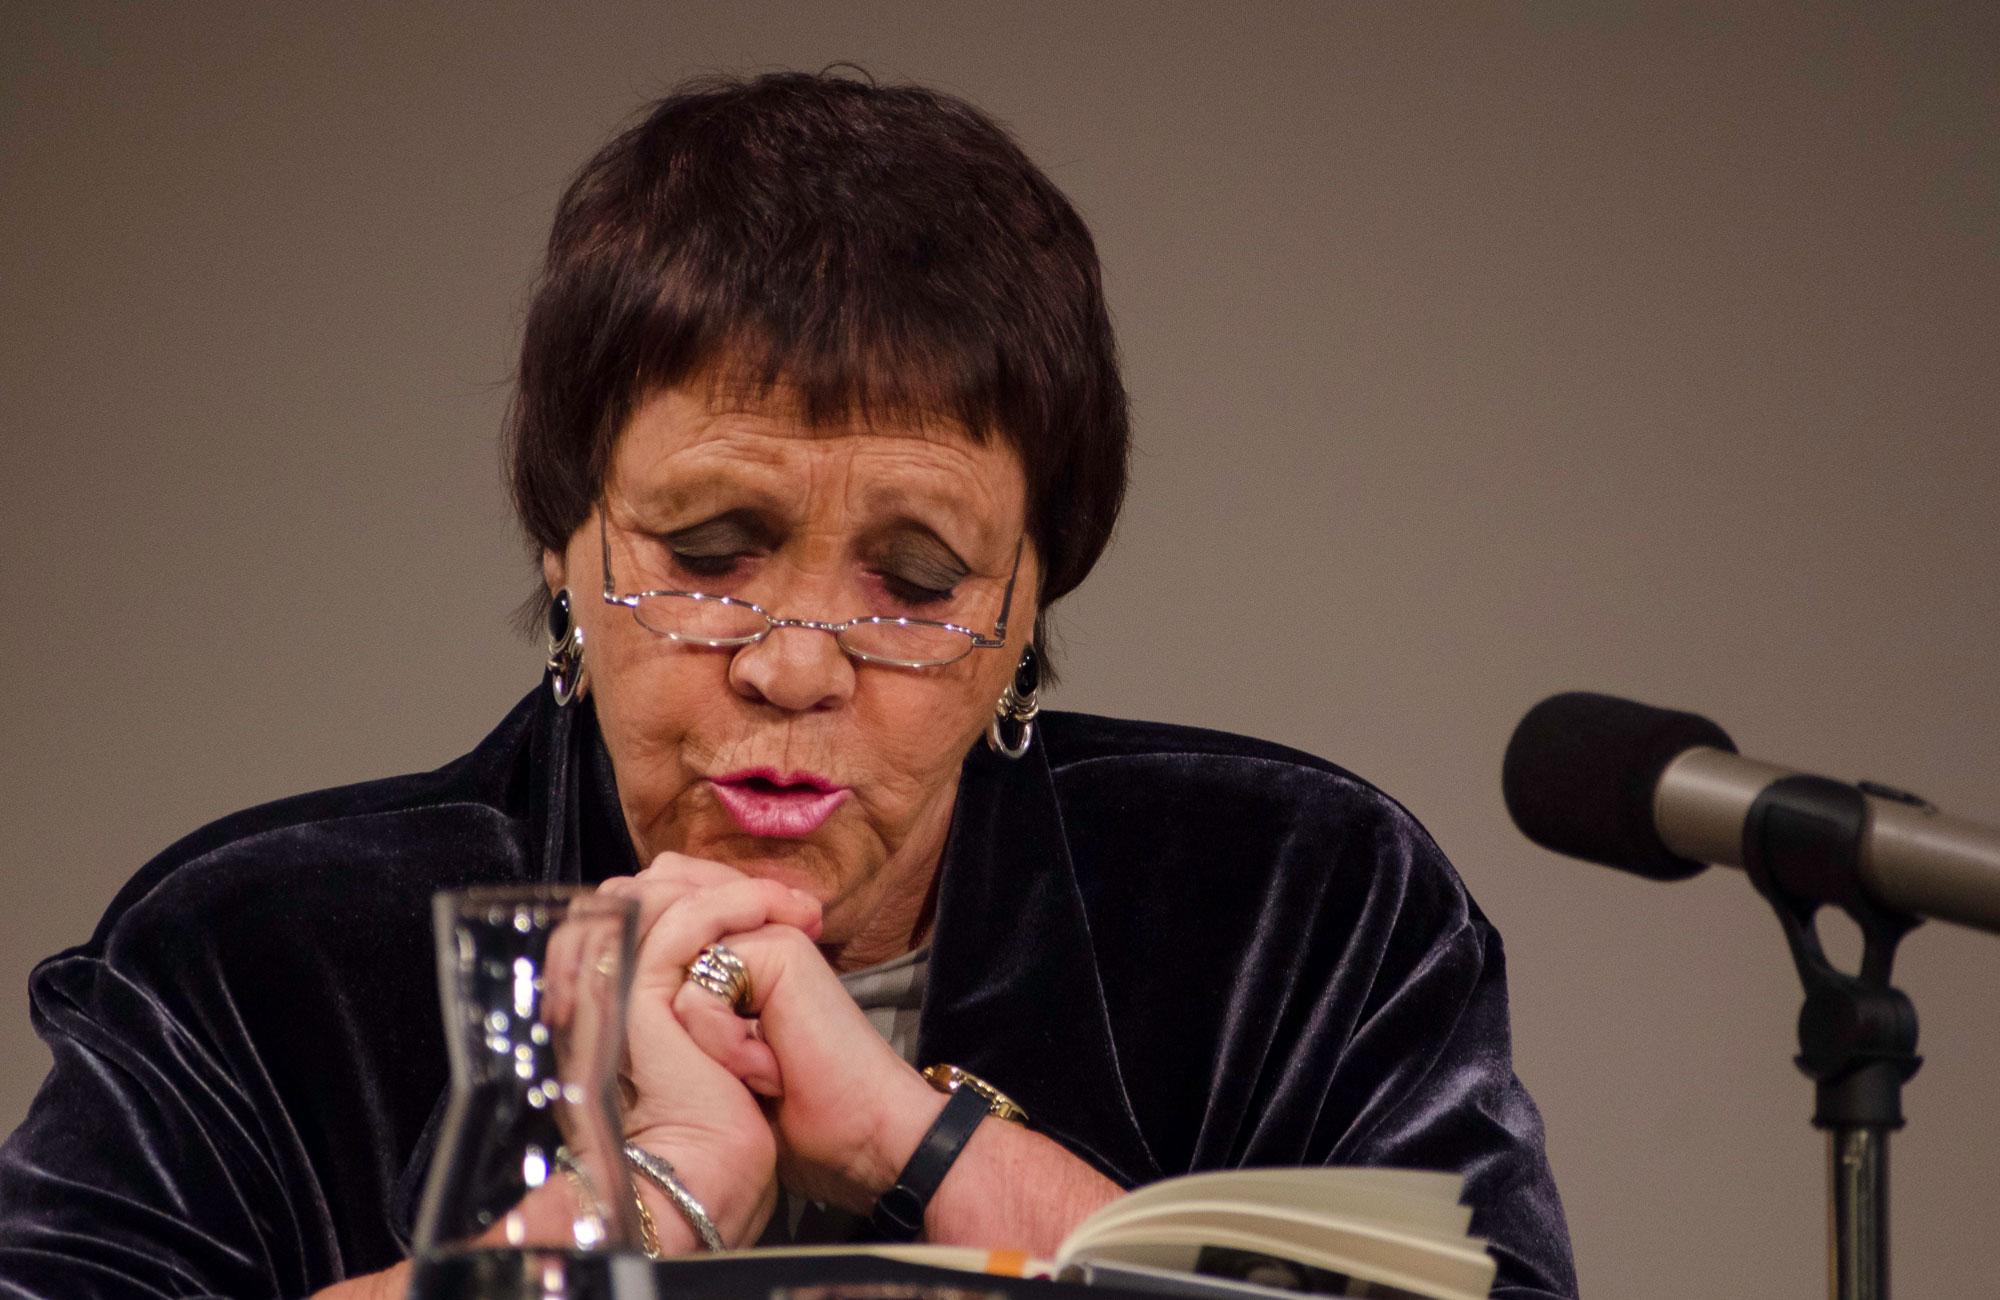 Brigitte Fassbaender: Komm aus dem Staunen nicht heraus, Mittwoch, 15.01.20               /                   19.30              Uhr <br/>(c) Simon Adolphi